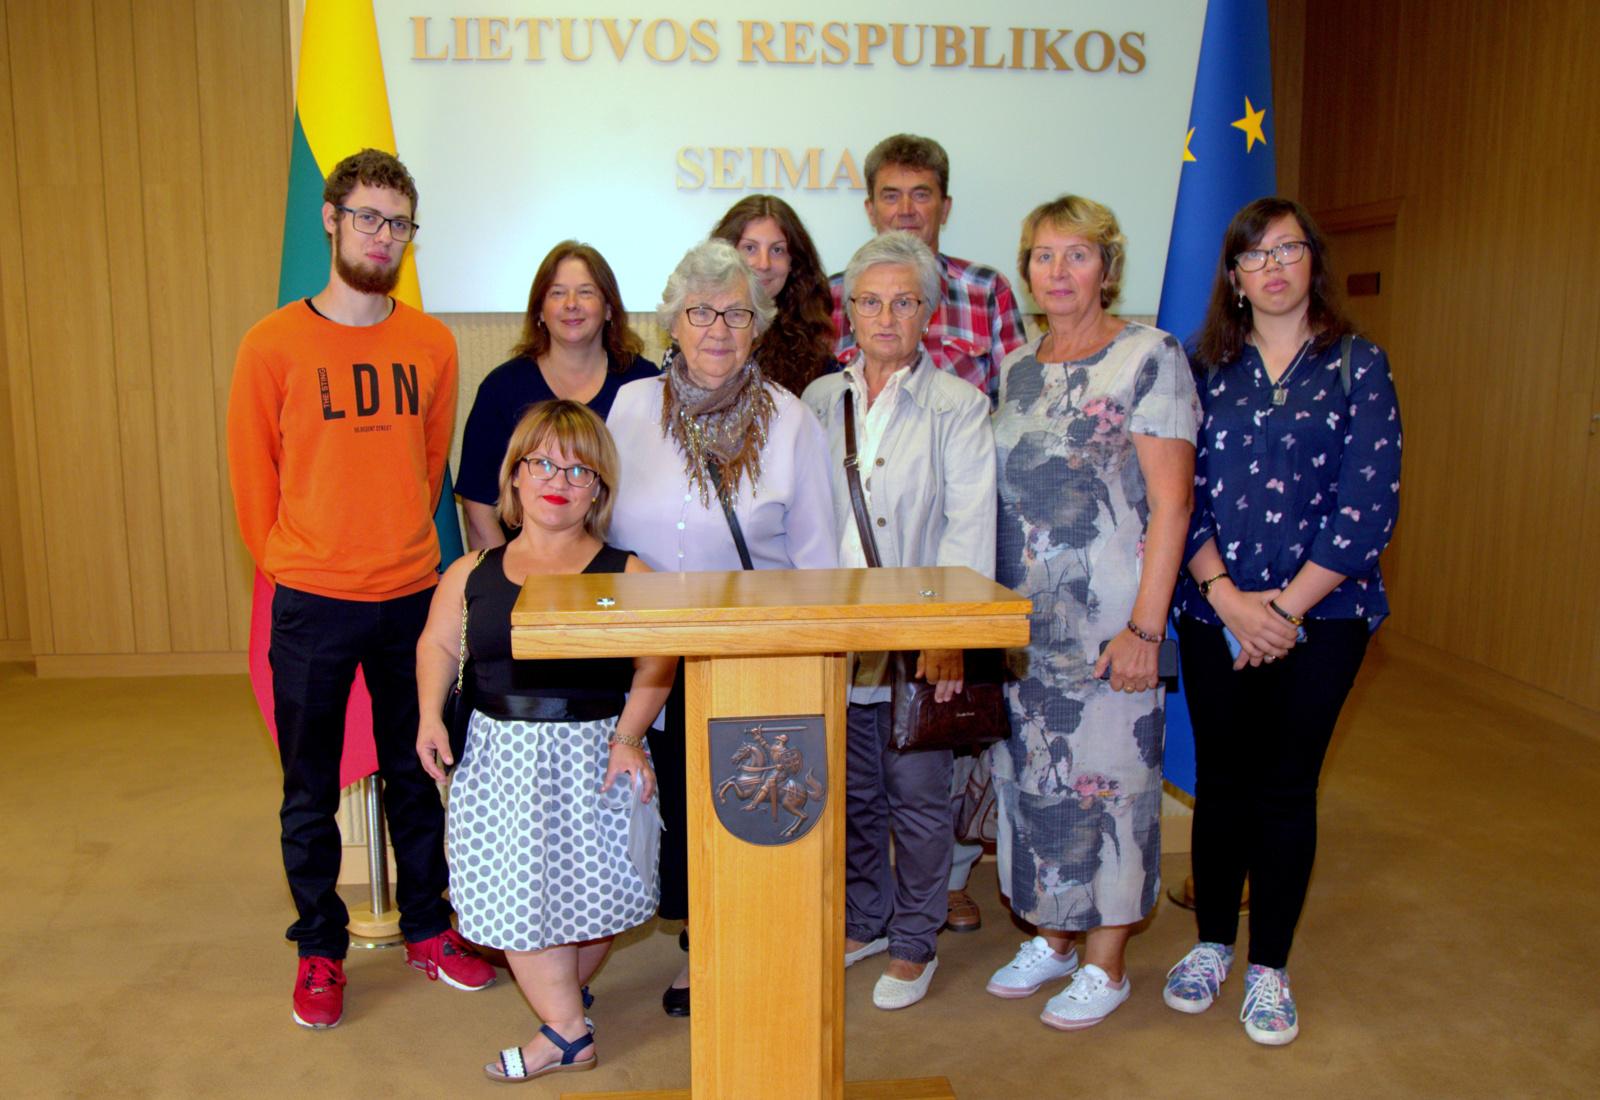 Jaunųjų Utenos dailininkų paroda Seime